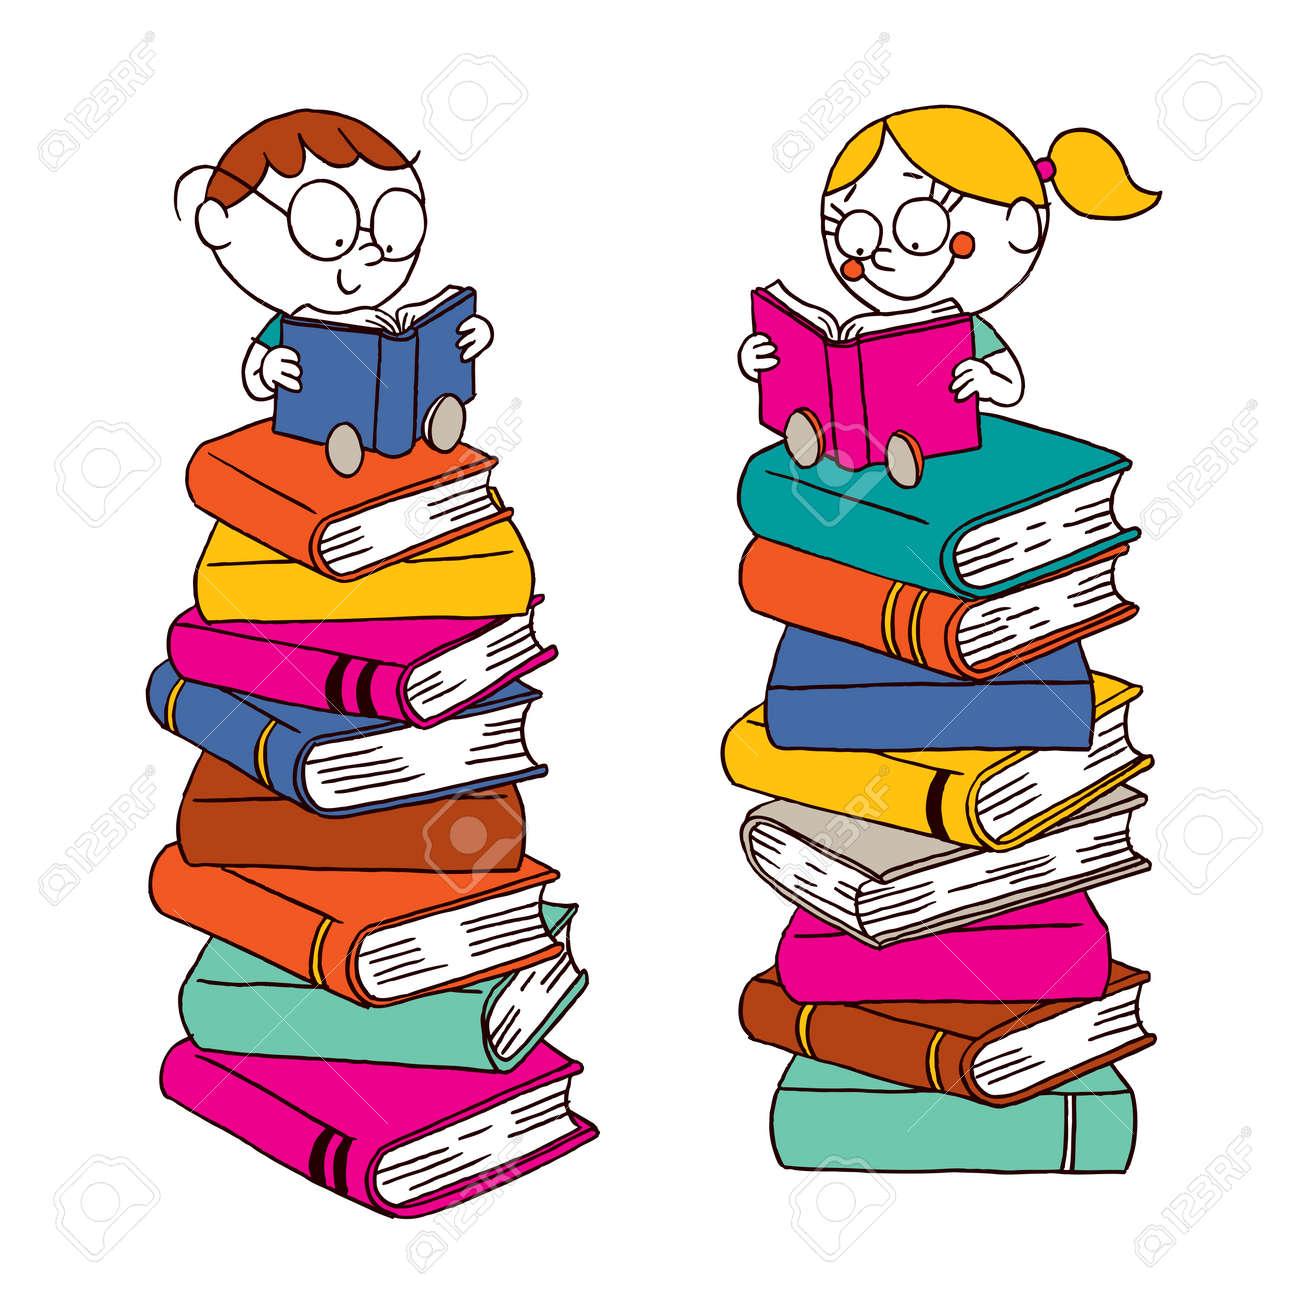 Bücherstapel clipart  Kinder Lesen Auf Einem Großen Stapel Der Bücher Lizenzfrei ...